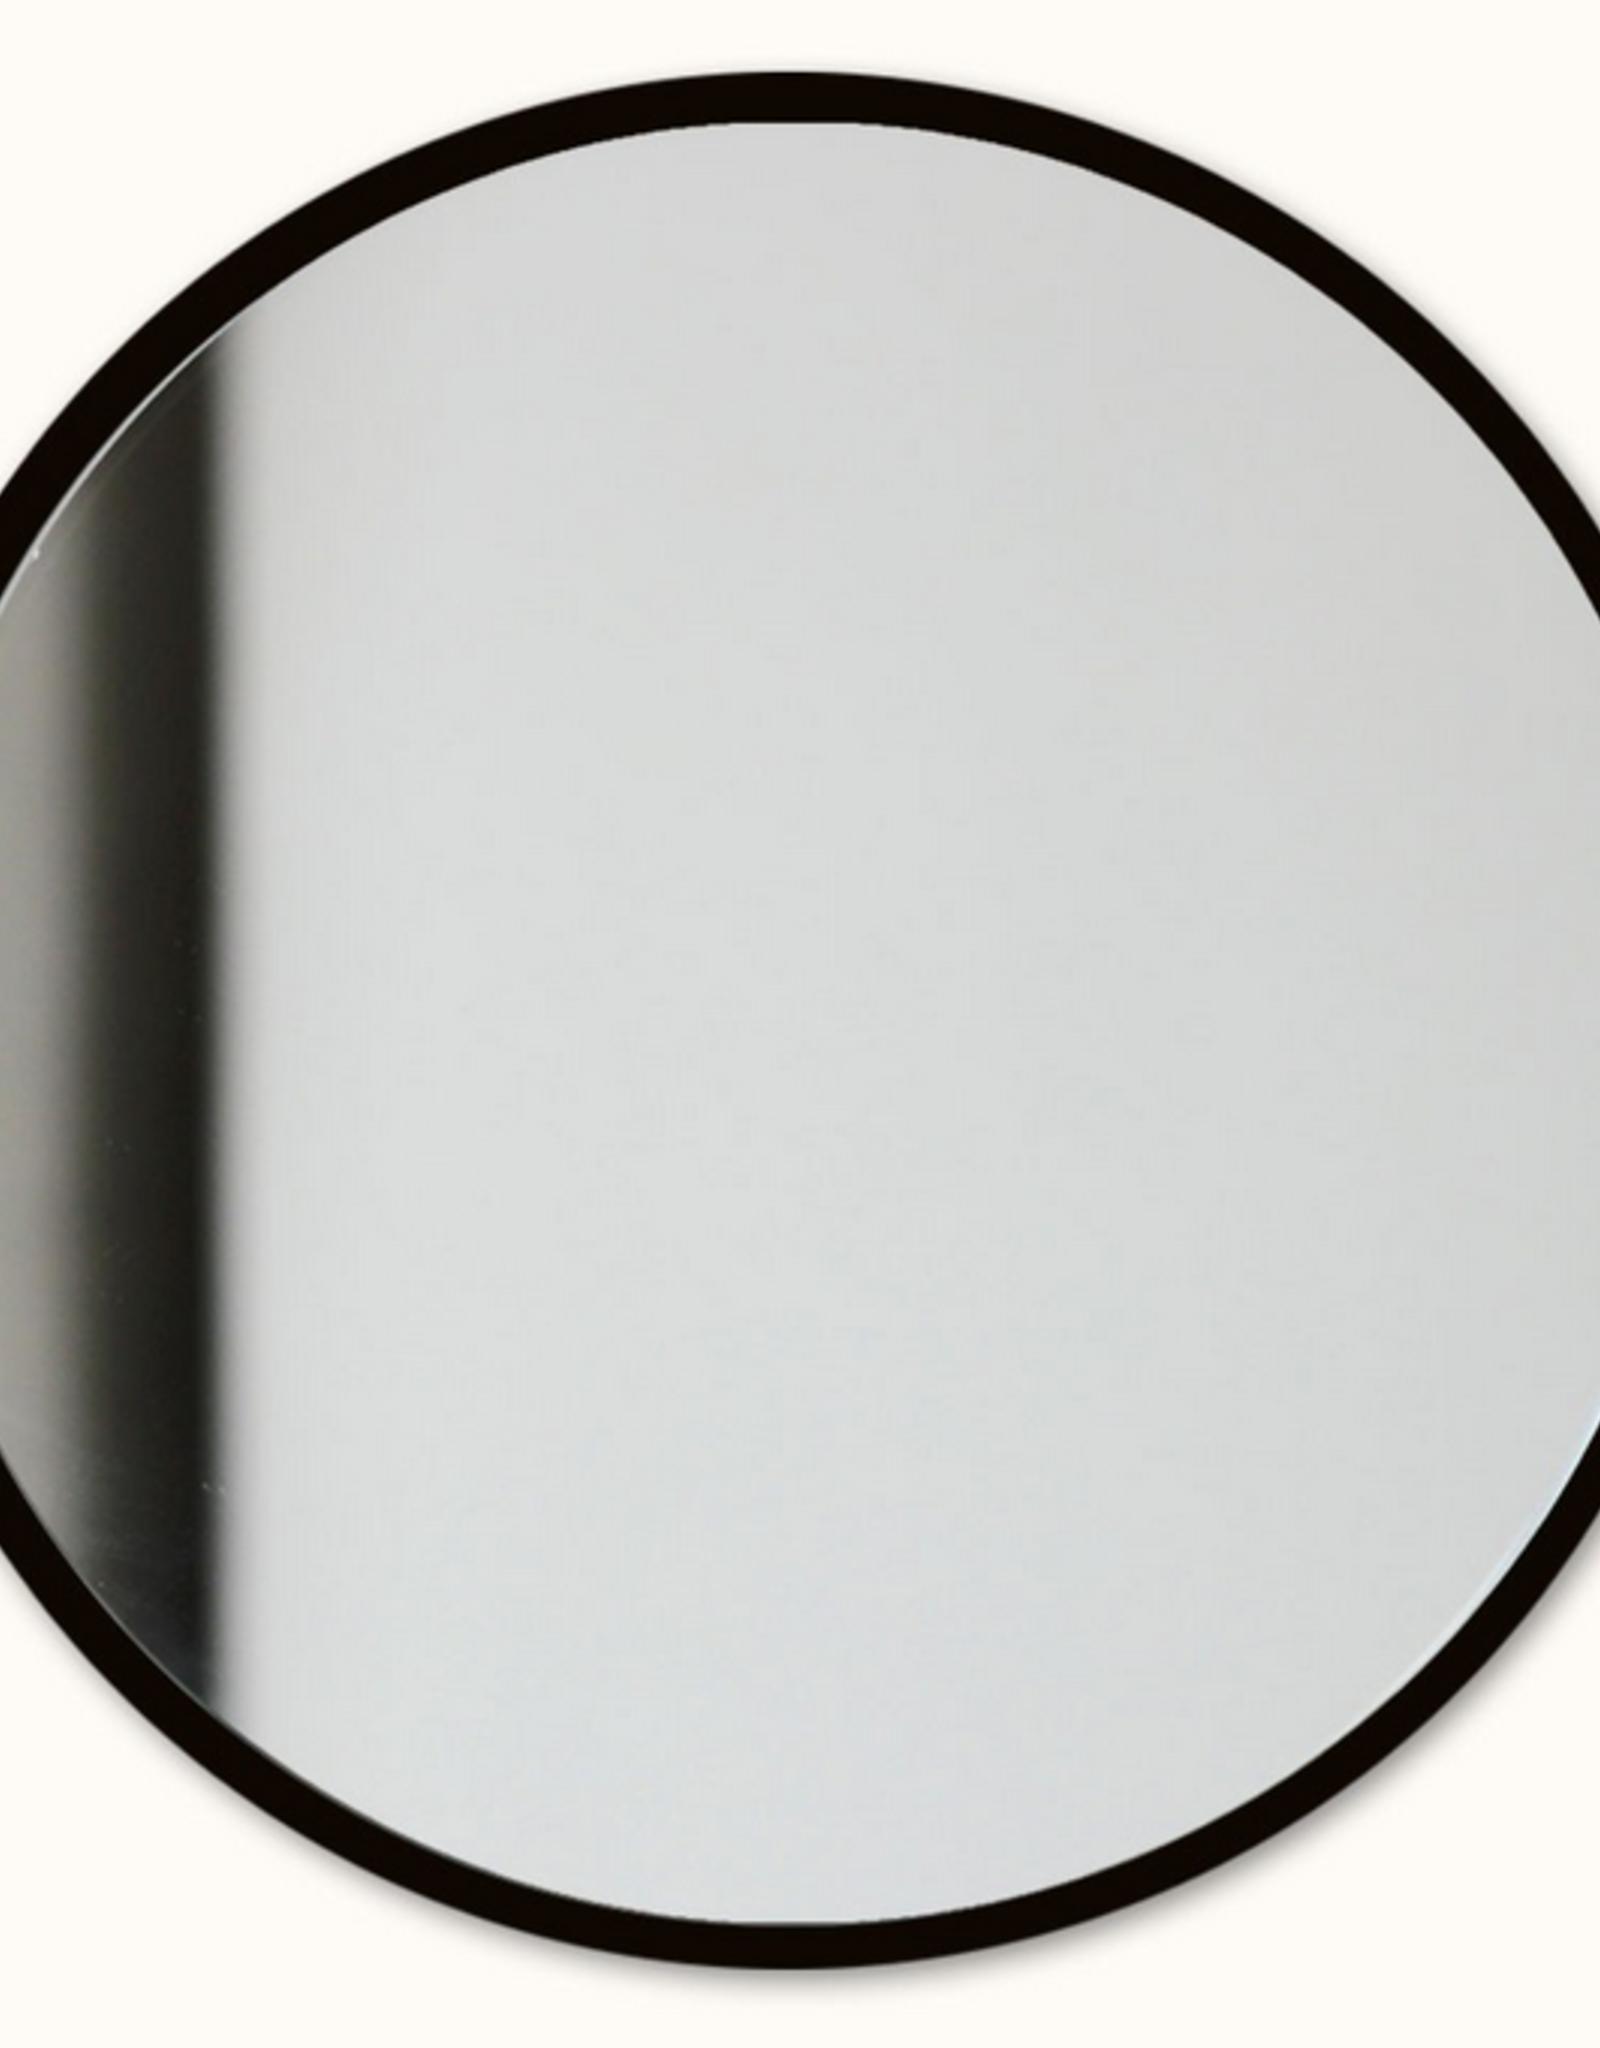 Groovy Magnets Groovy Magnets - Magnetische spiegel - zwart